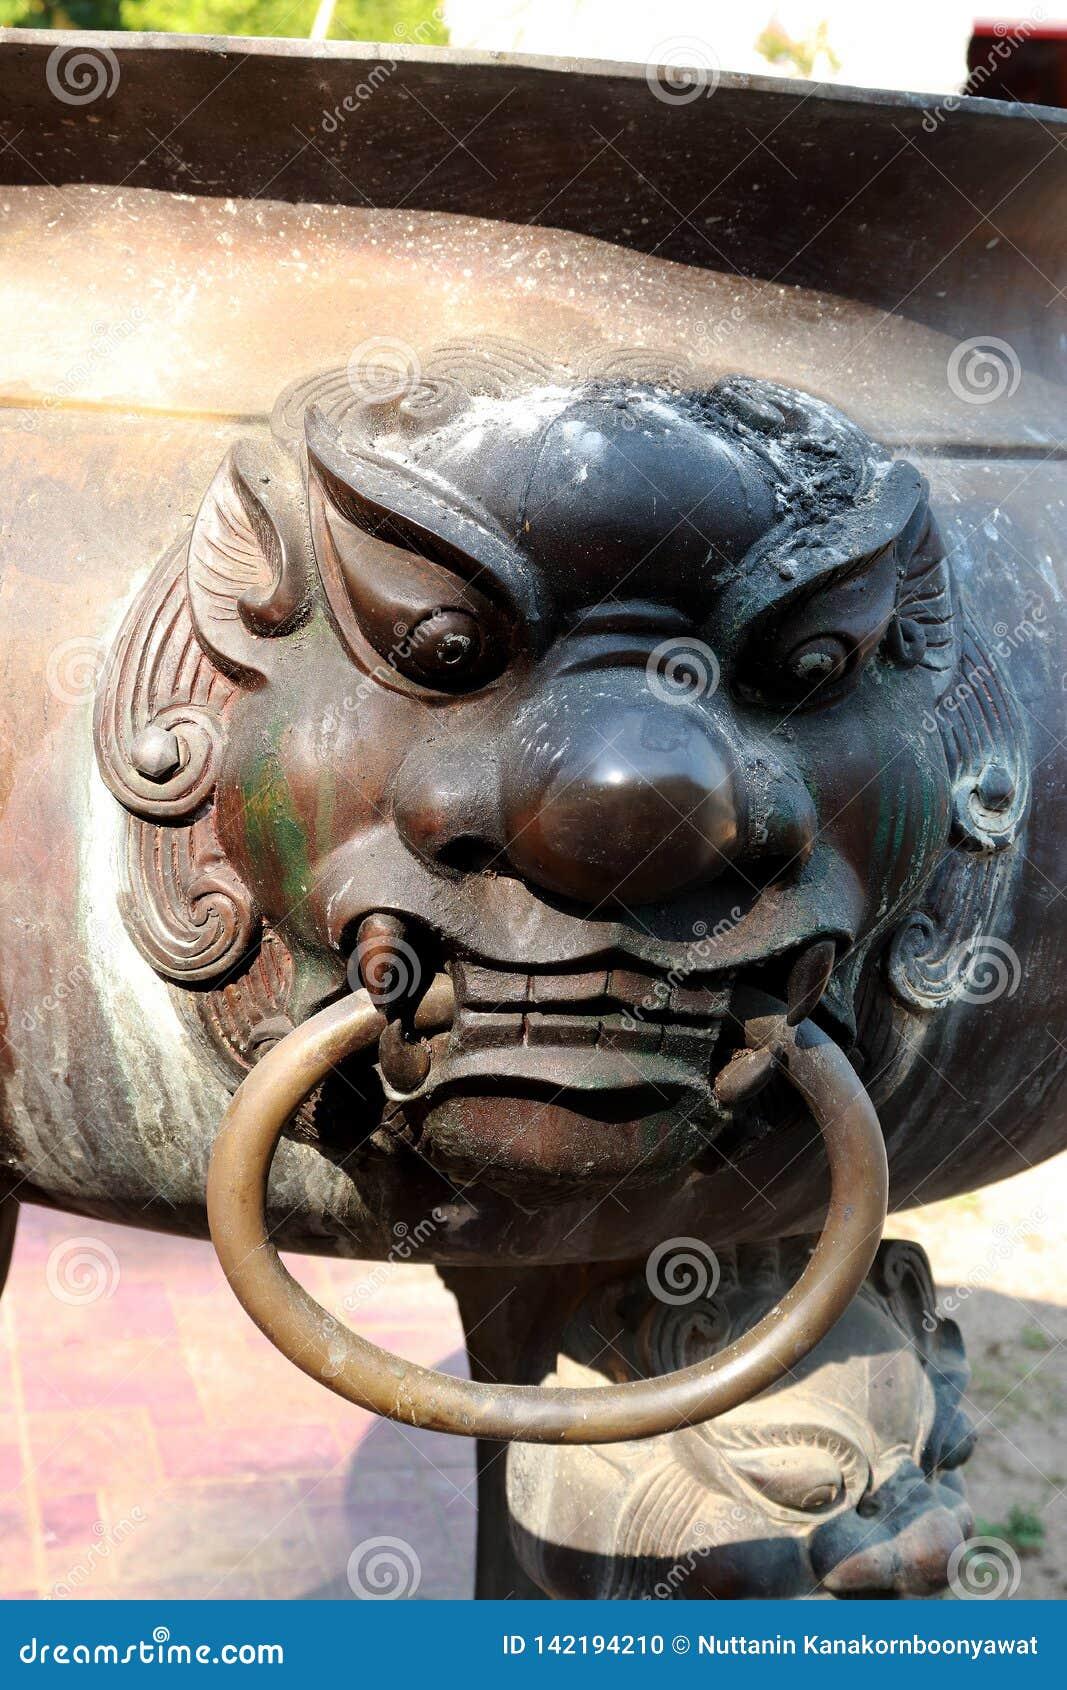 Singha statue on old joss stick pot ncense burner